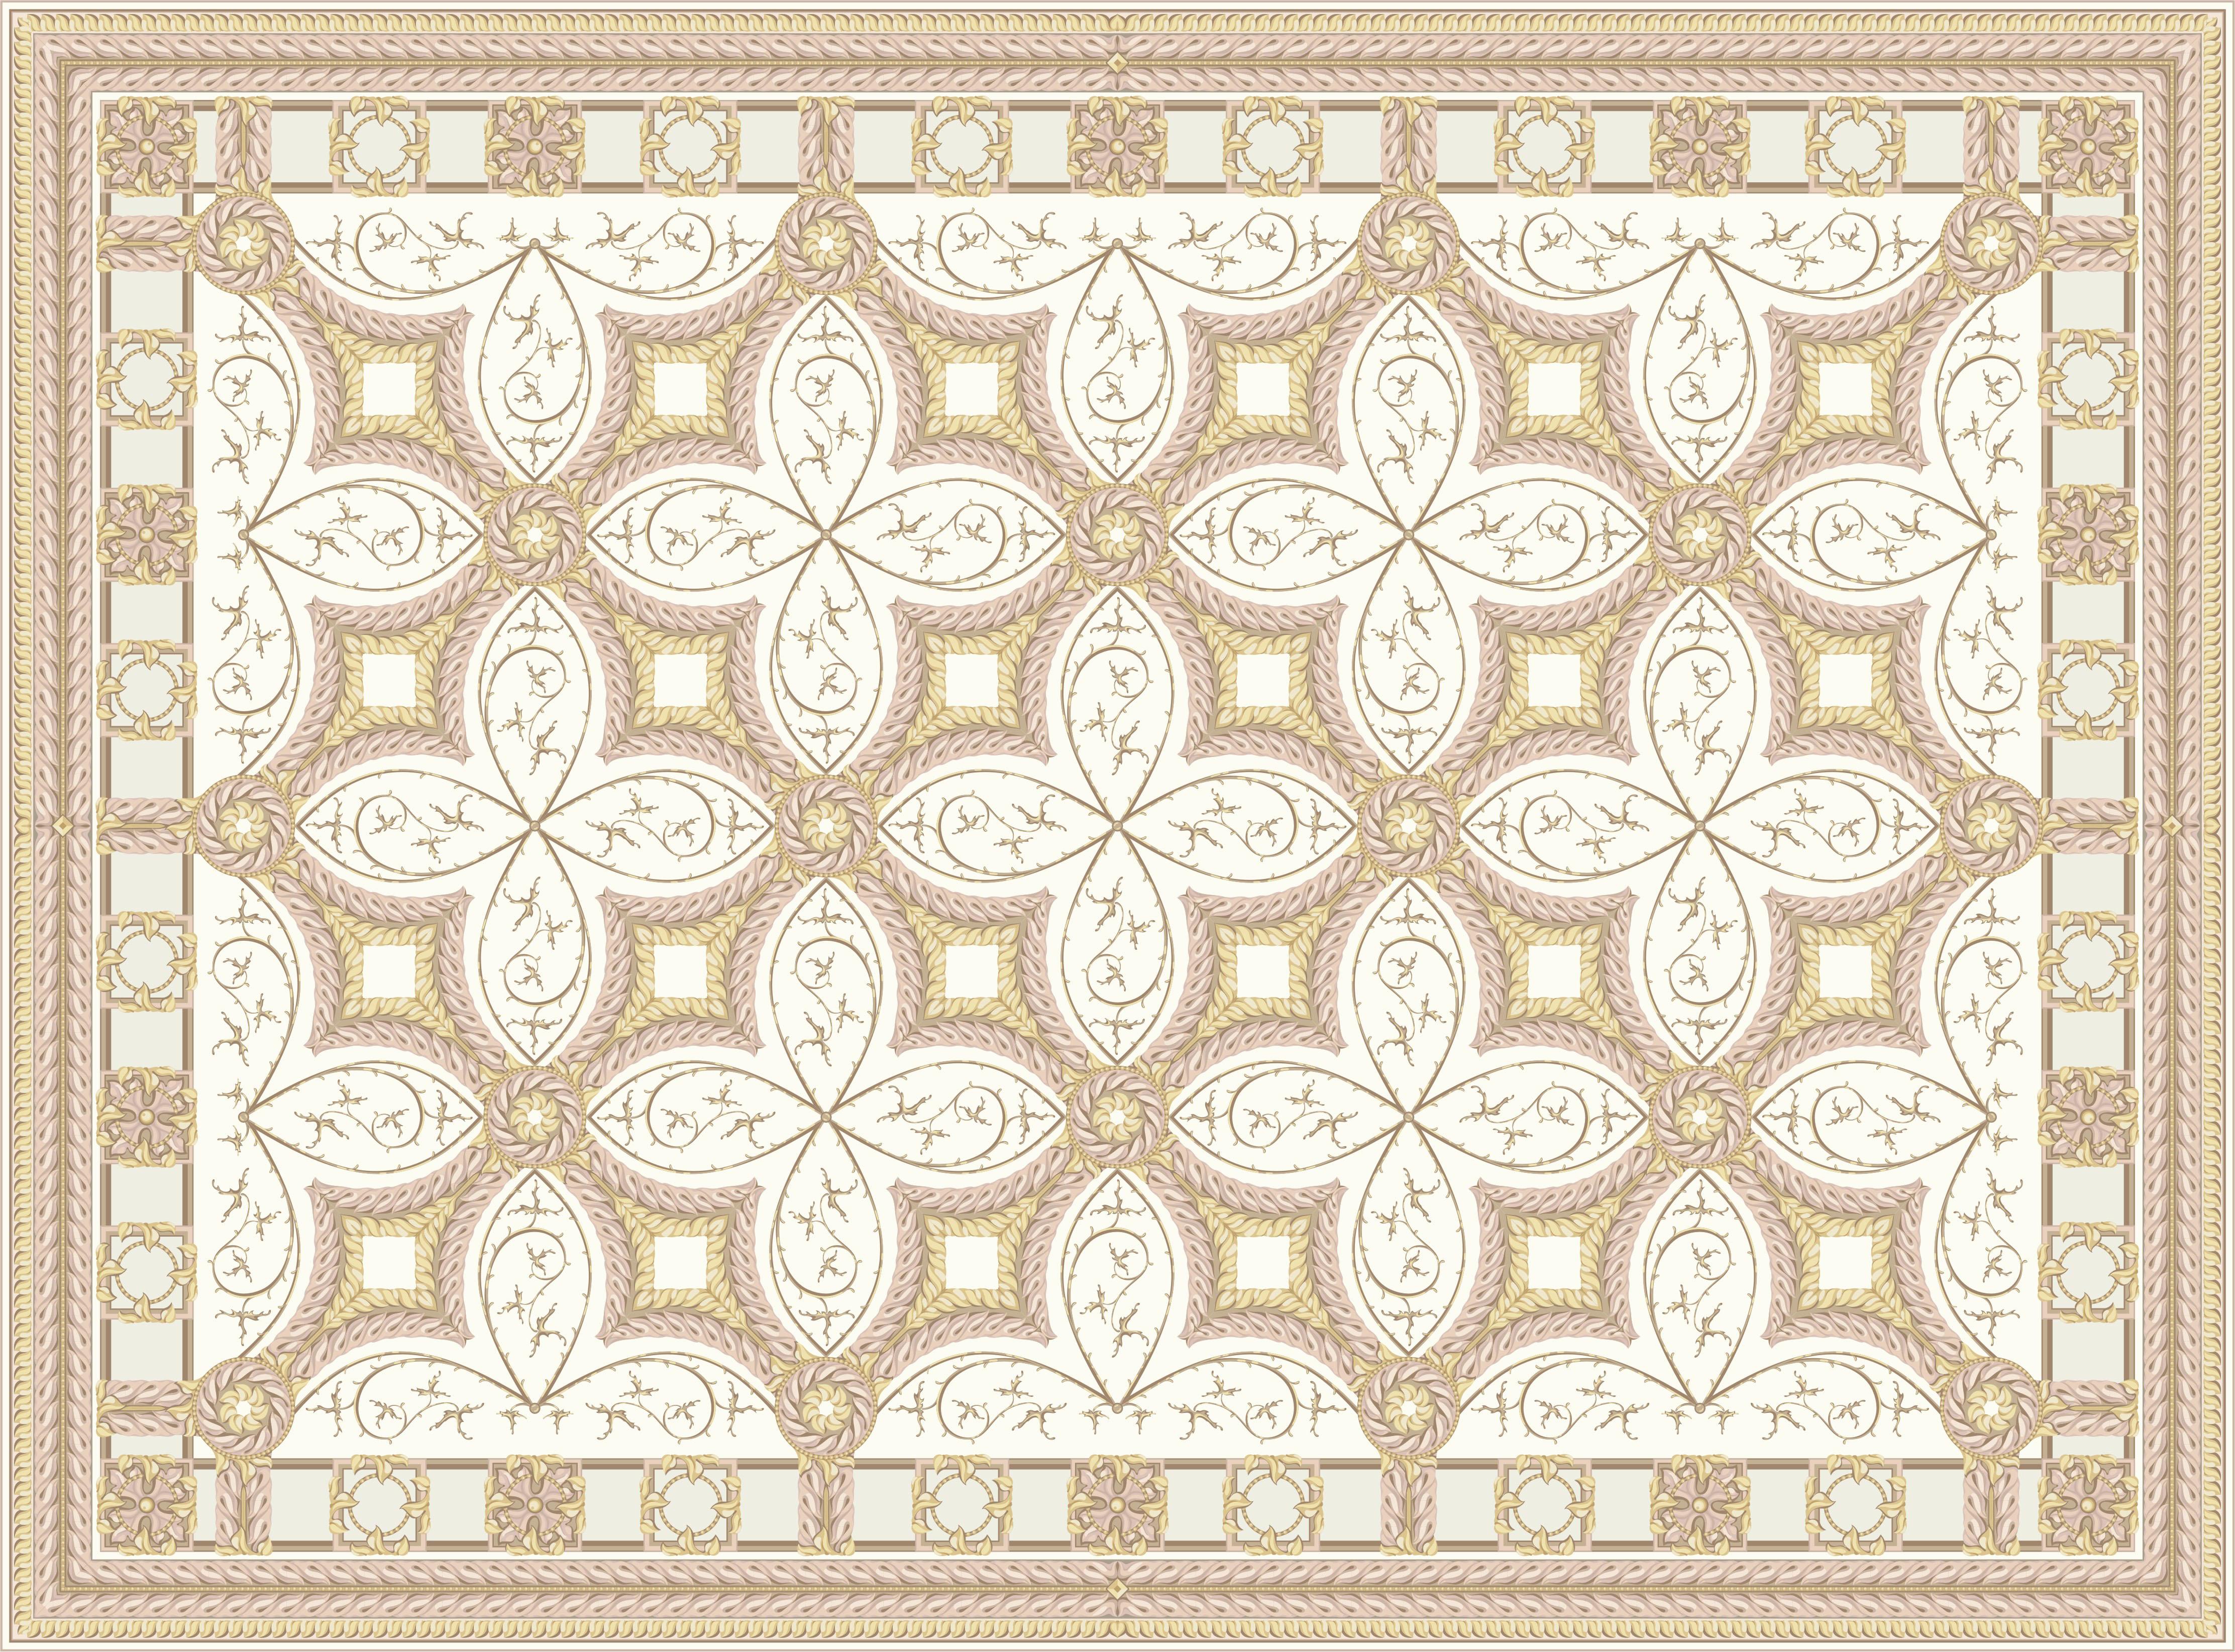 carpet design 2 QGSSILA